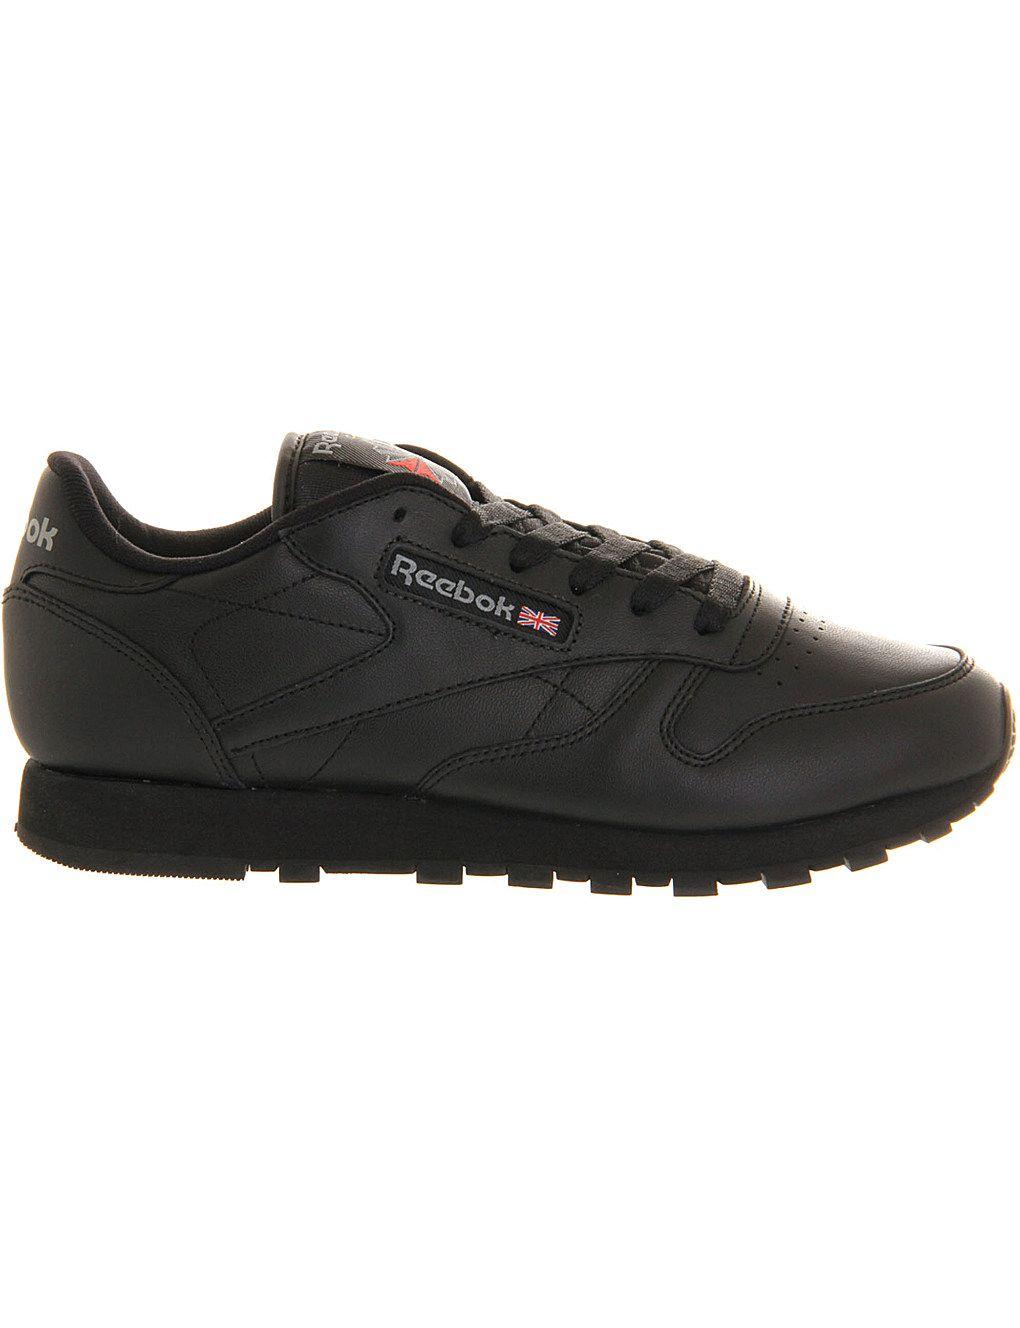 Reebok Bayan Spor Ayakkabı Modelleri 2019-2019